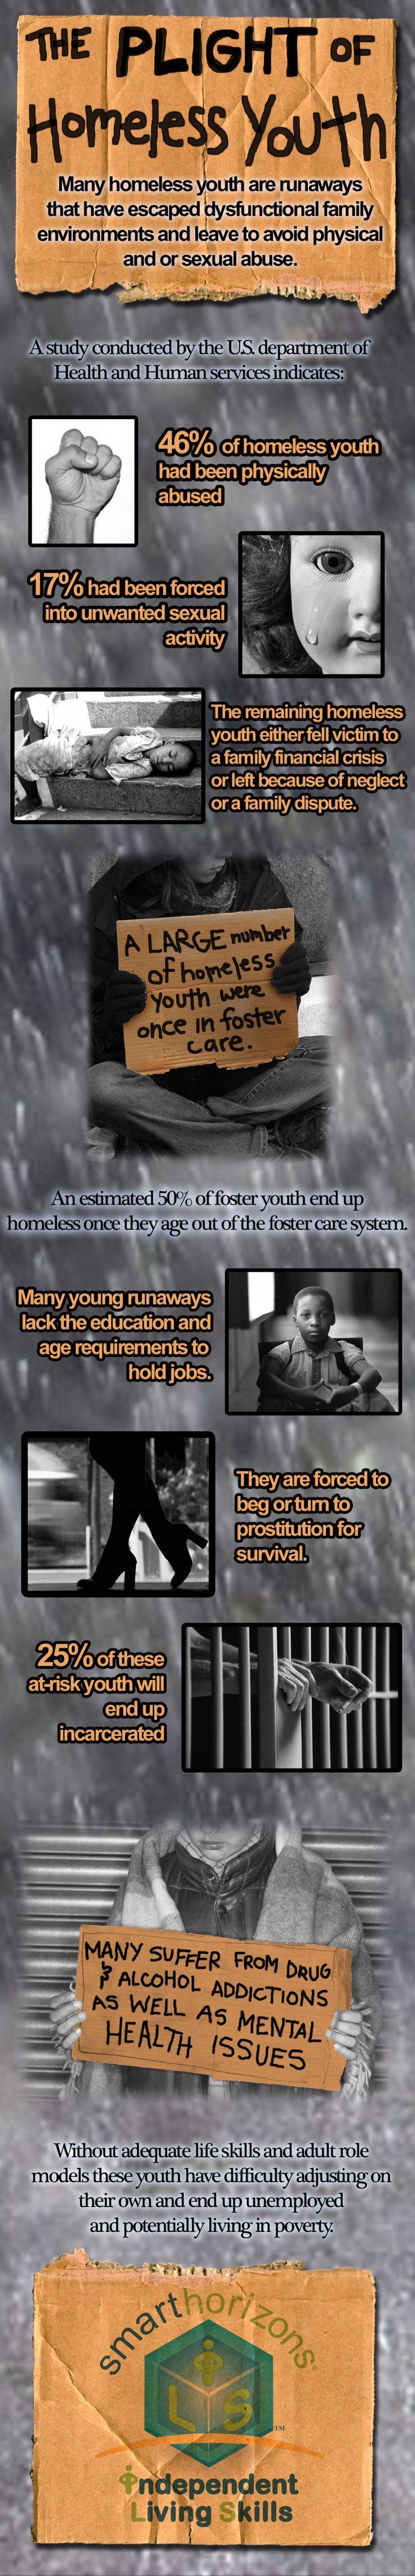 Family Homelessness | Sesame Street in Communities